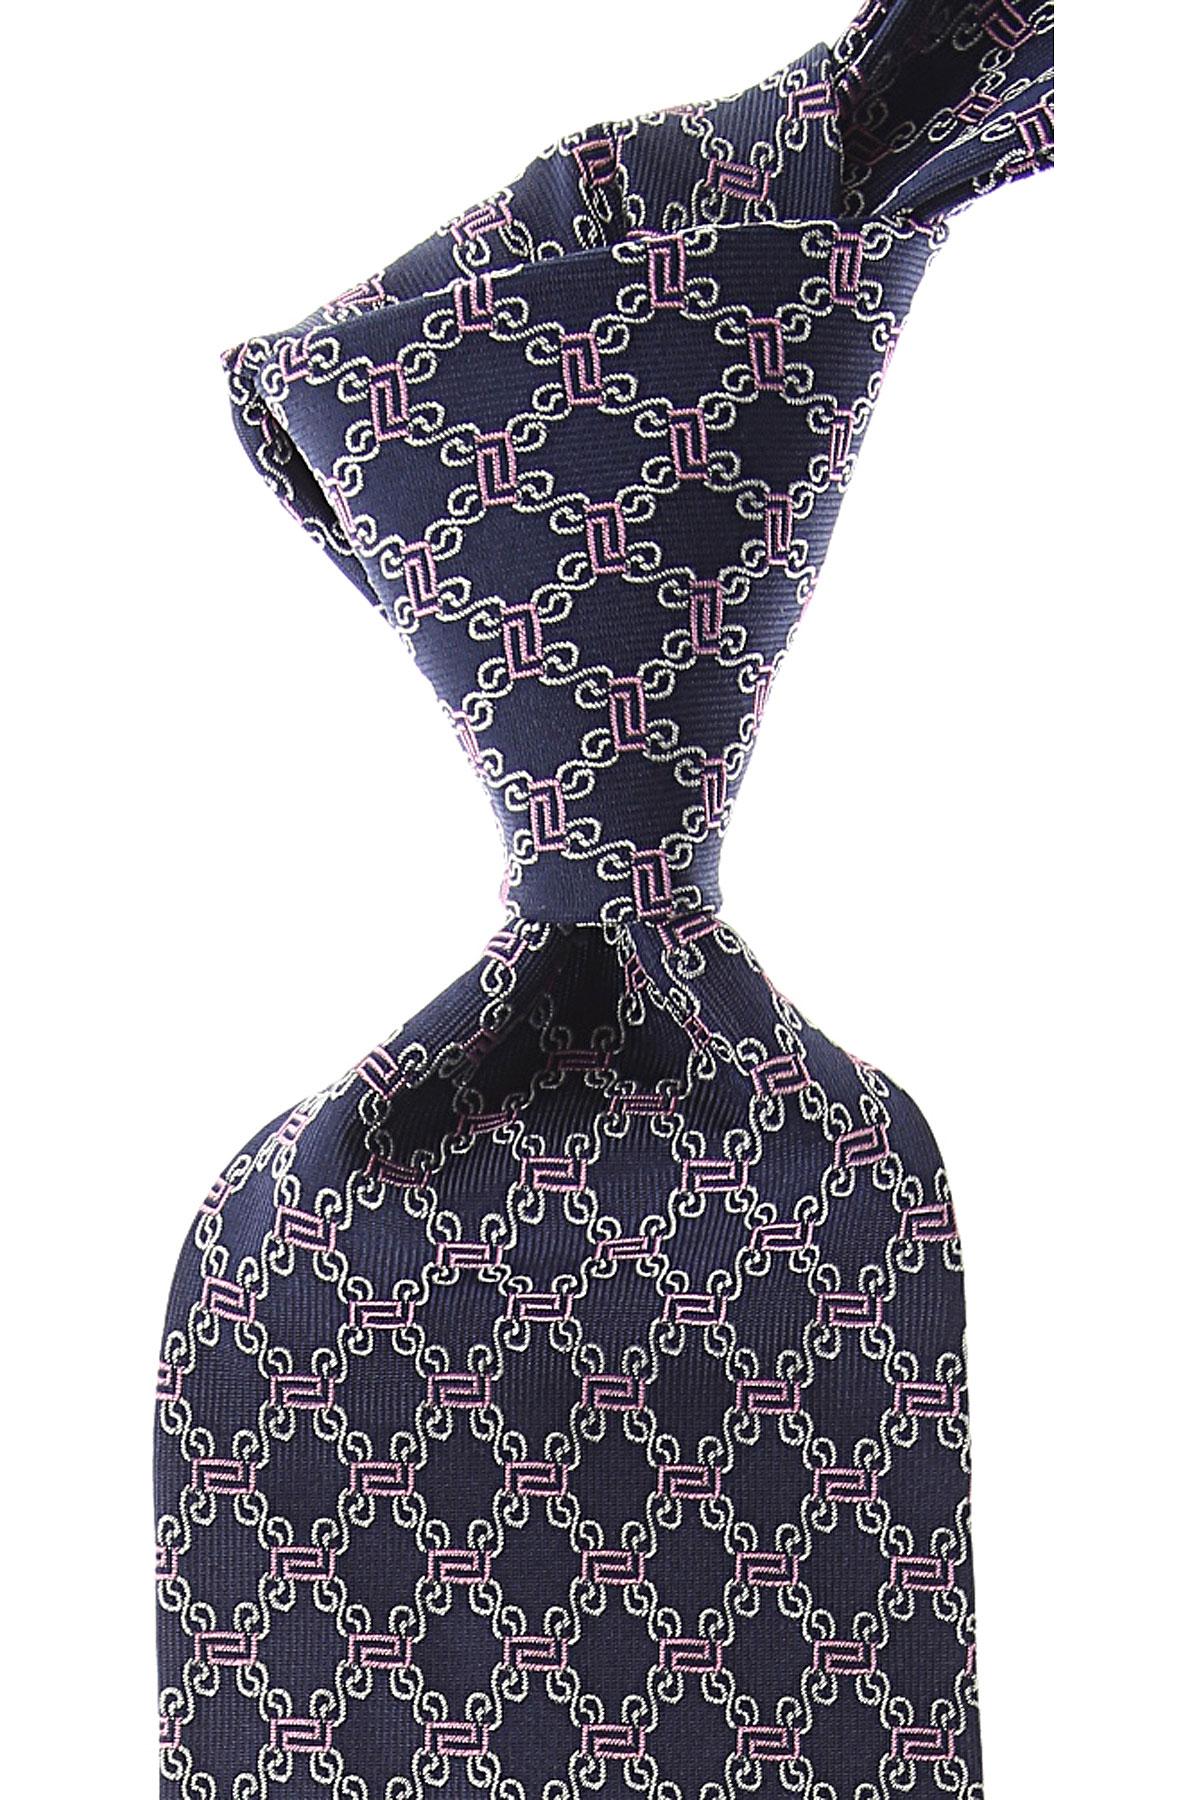 Gianni Versace Cravates Pas cher en Soldes, Bleu marine, Soie, 2021